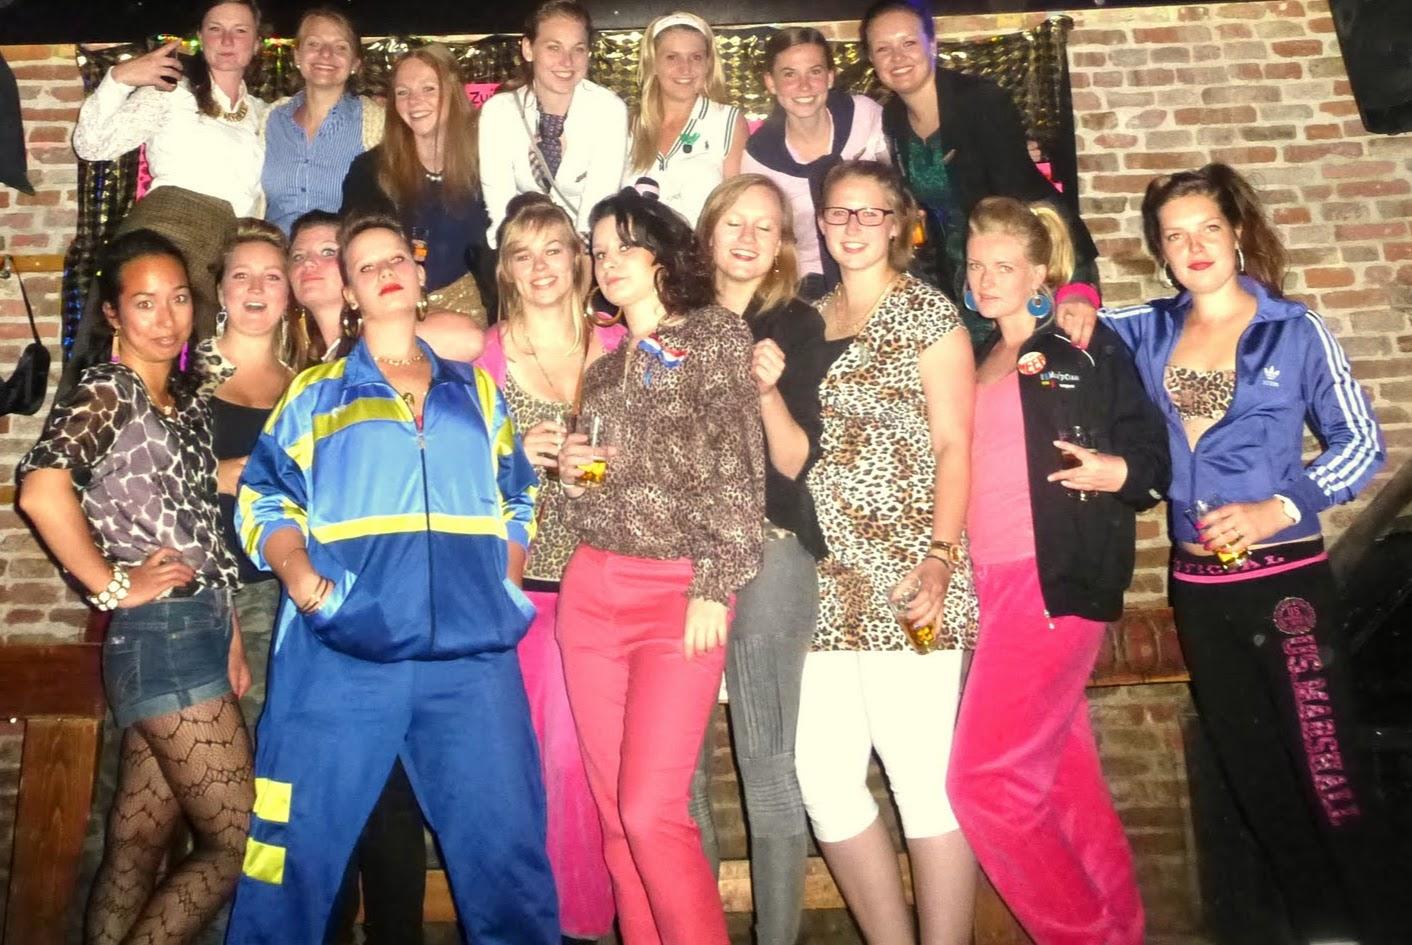 Blixen feest 'Kakker of Stakker'